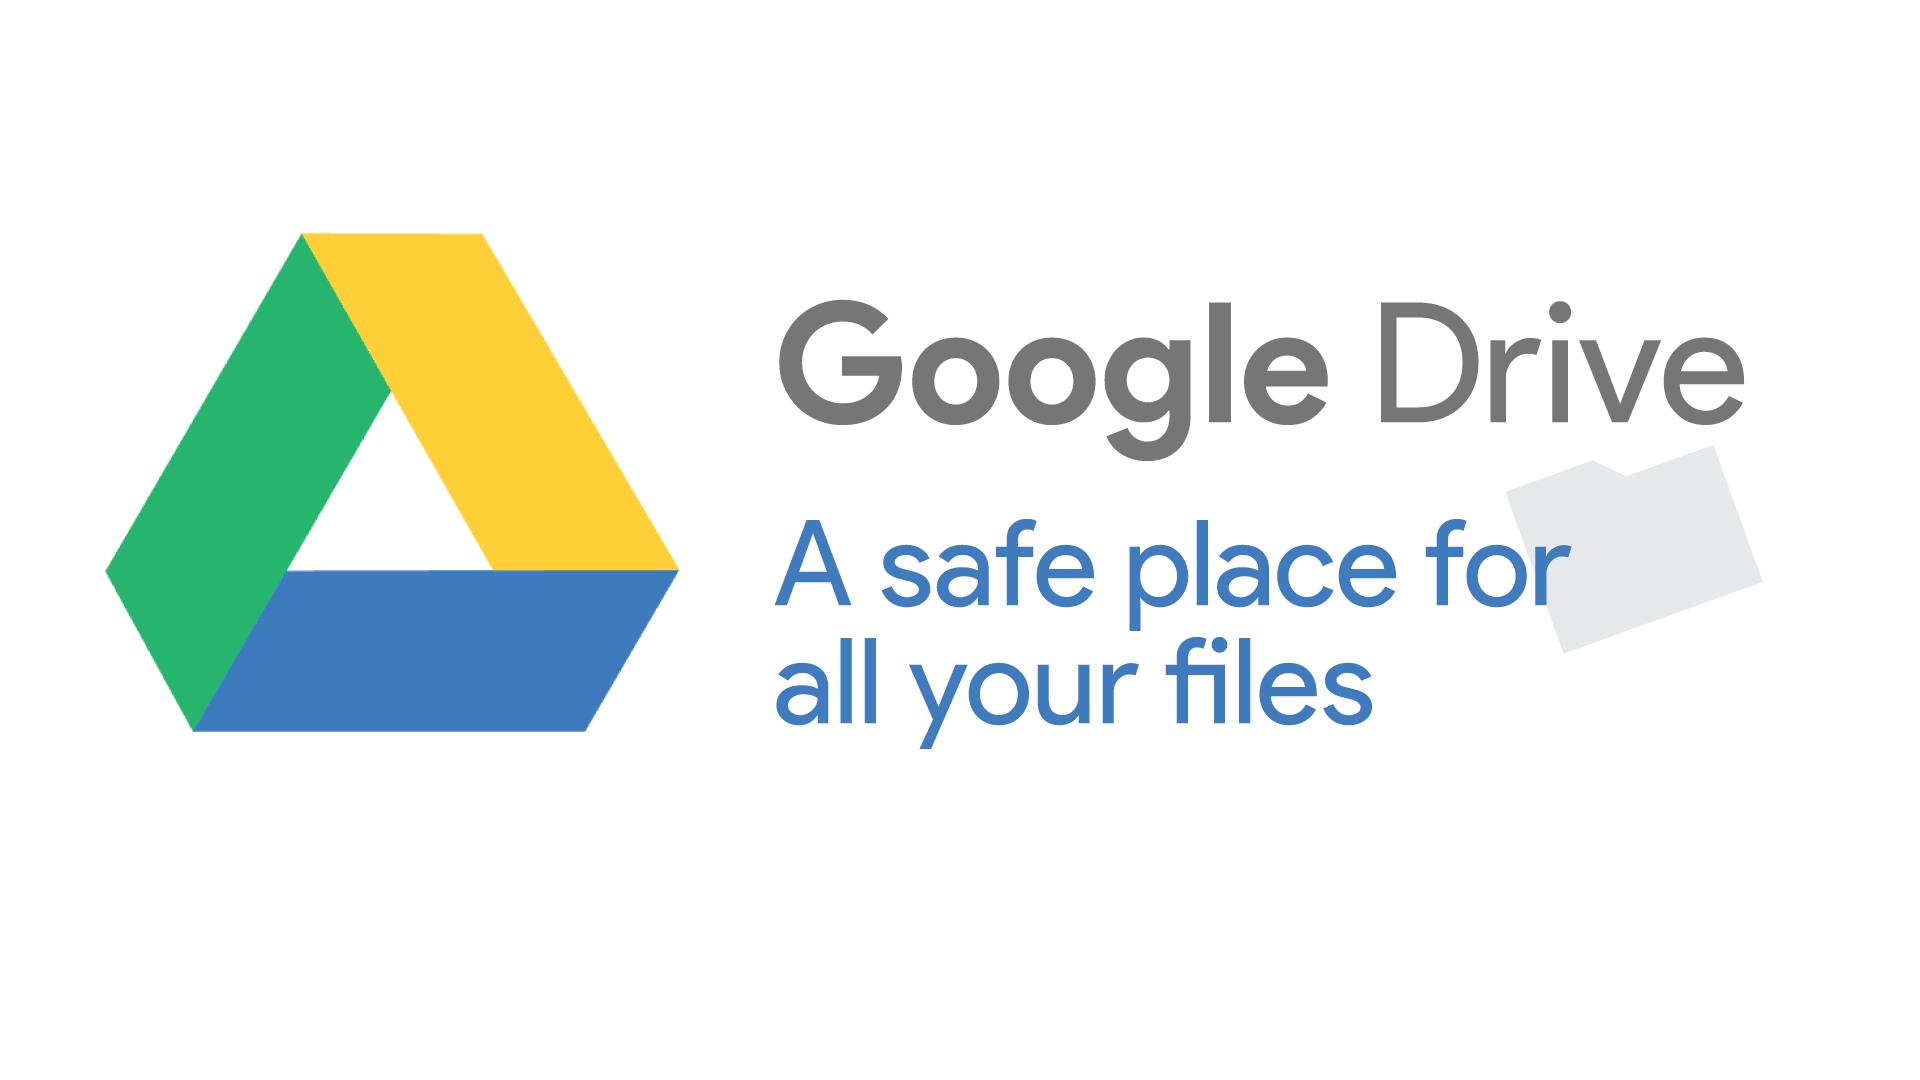 دانلود گوگل درایو Google Drive 2.19.392.07 برای اندروید و آیفون